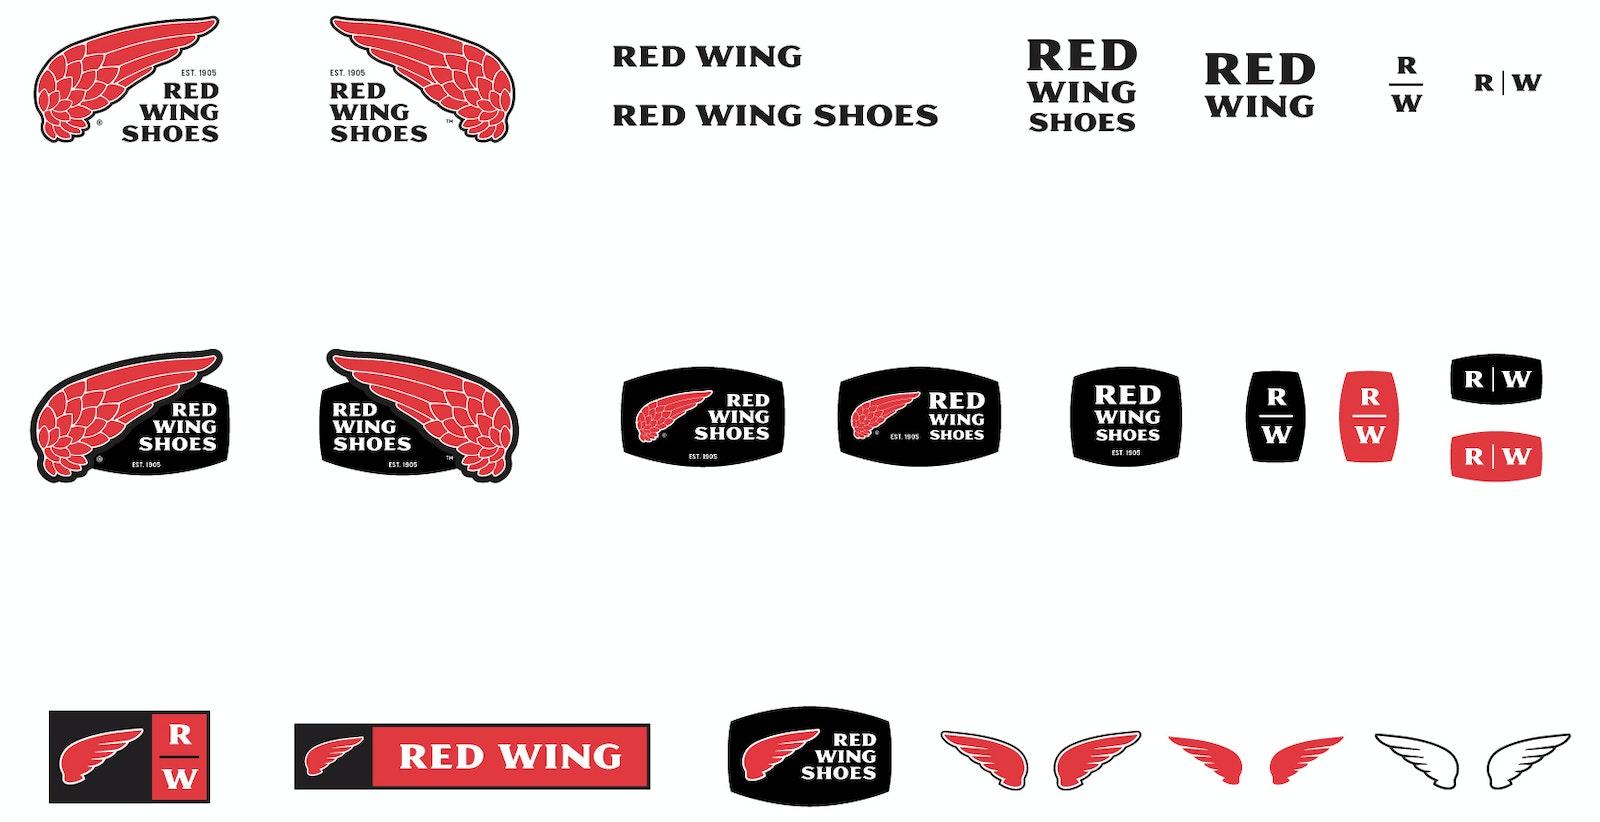 Redwing toolkit